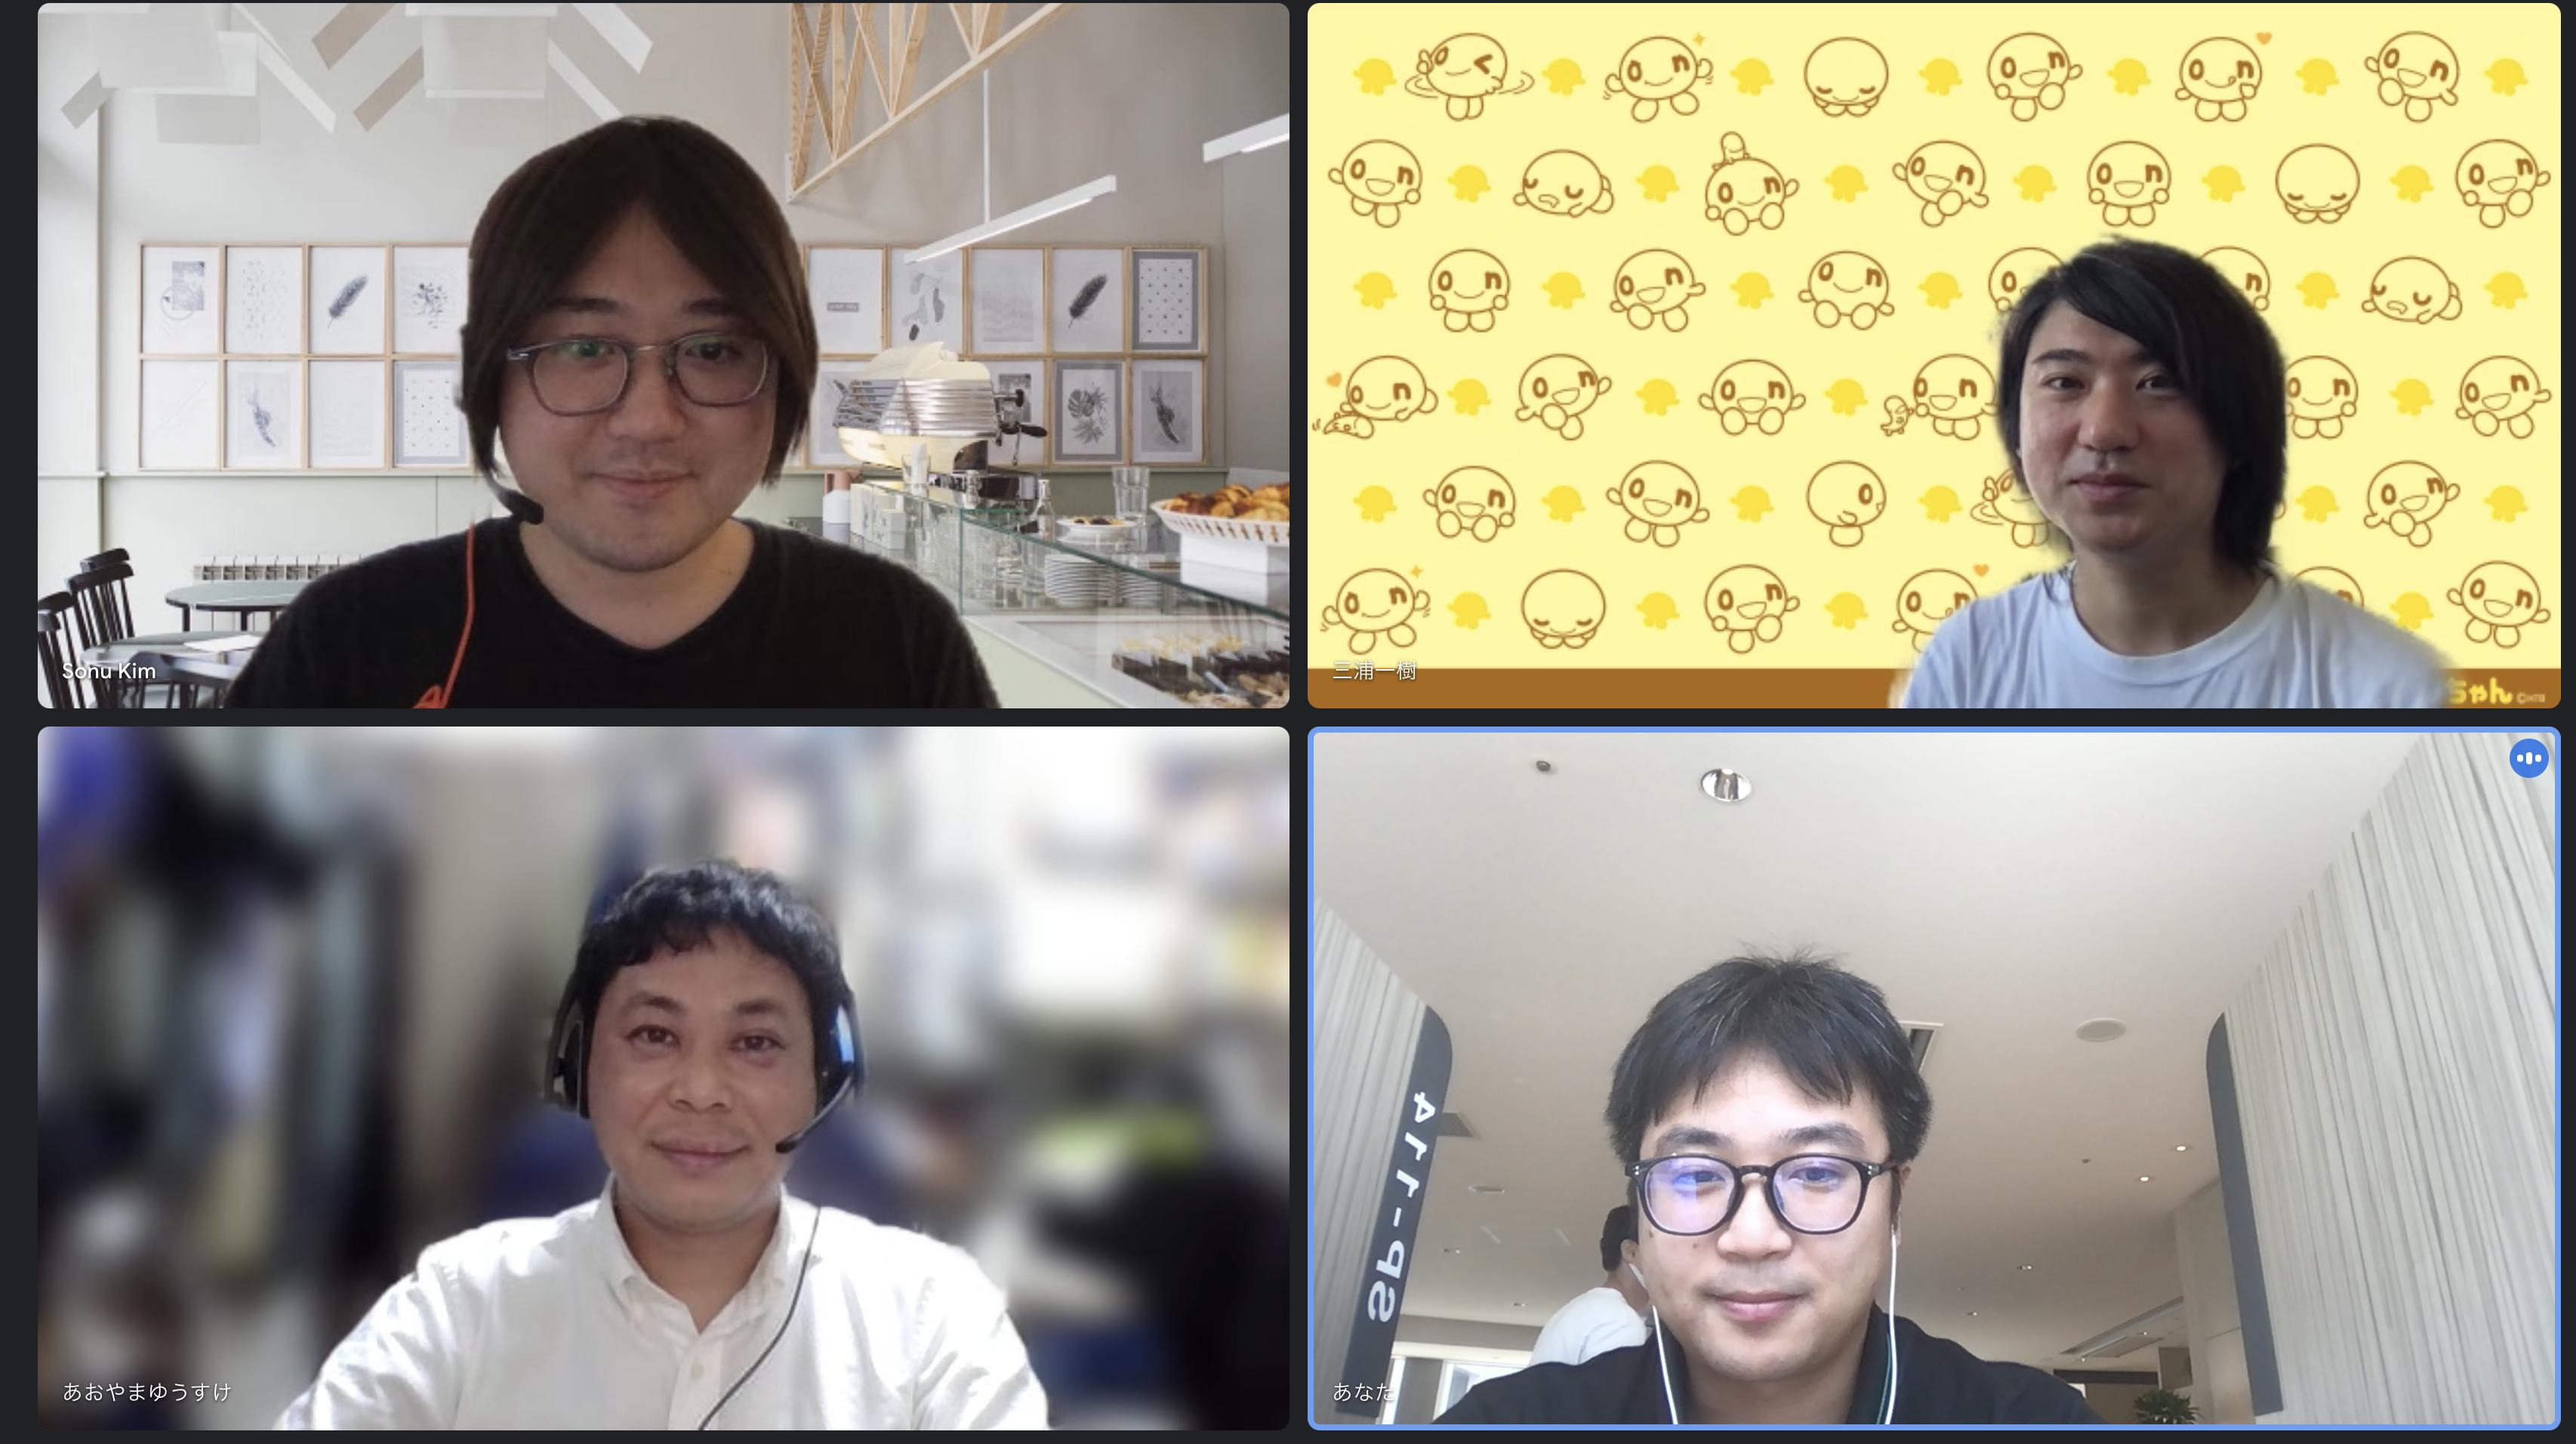 左上から時計回りで、Serverless Operations金さん、北海道テレビ三浦さん、ライター青山さん、Serverless Operations堀家さん